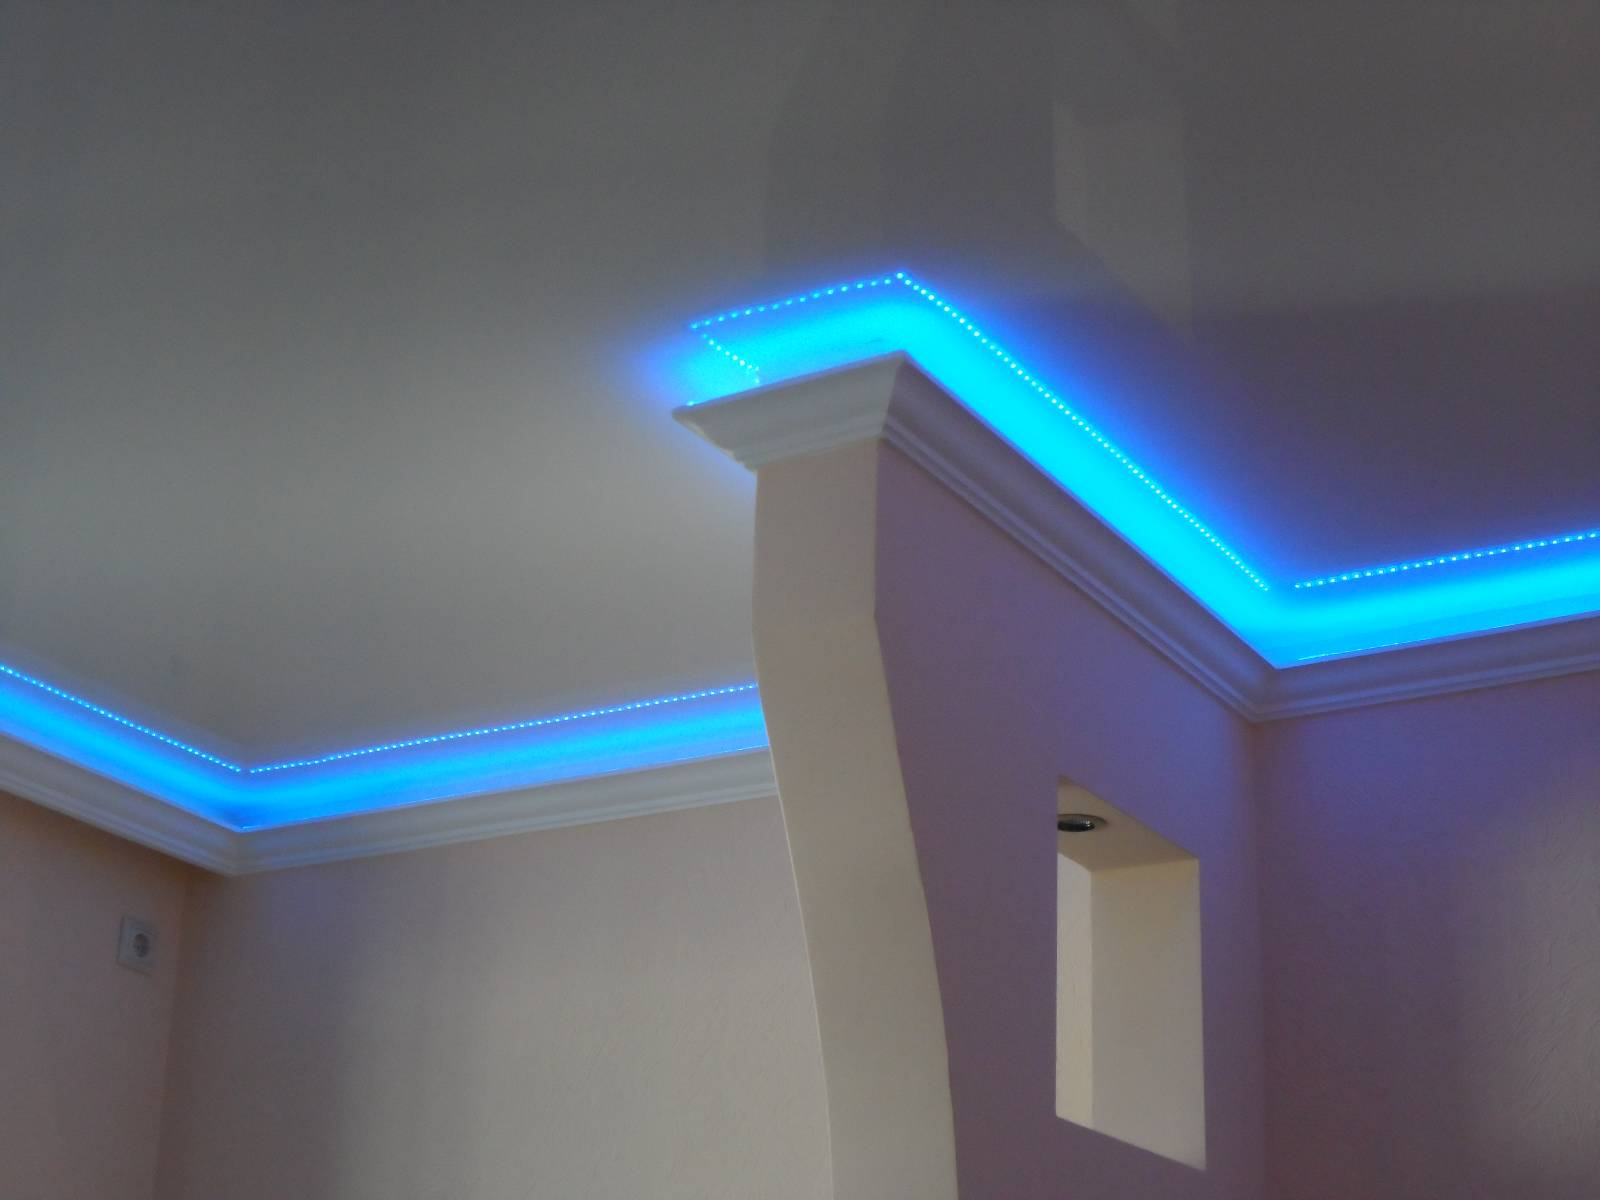 Потолочный плинтус со светодиодной подсветкой